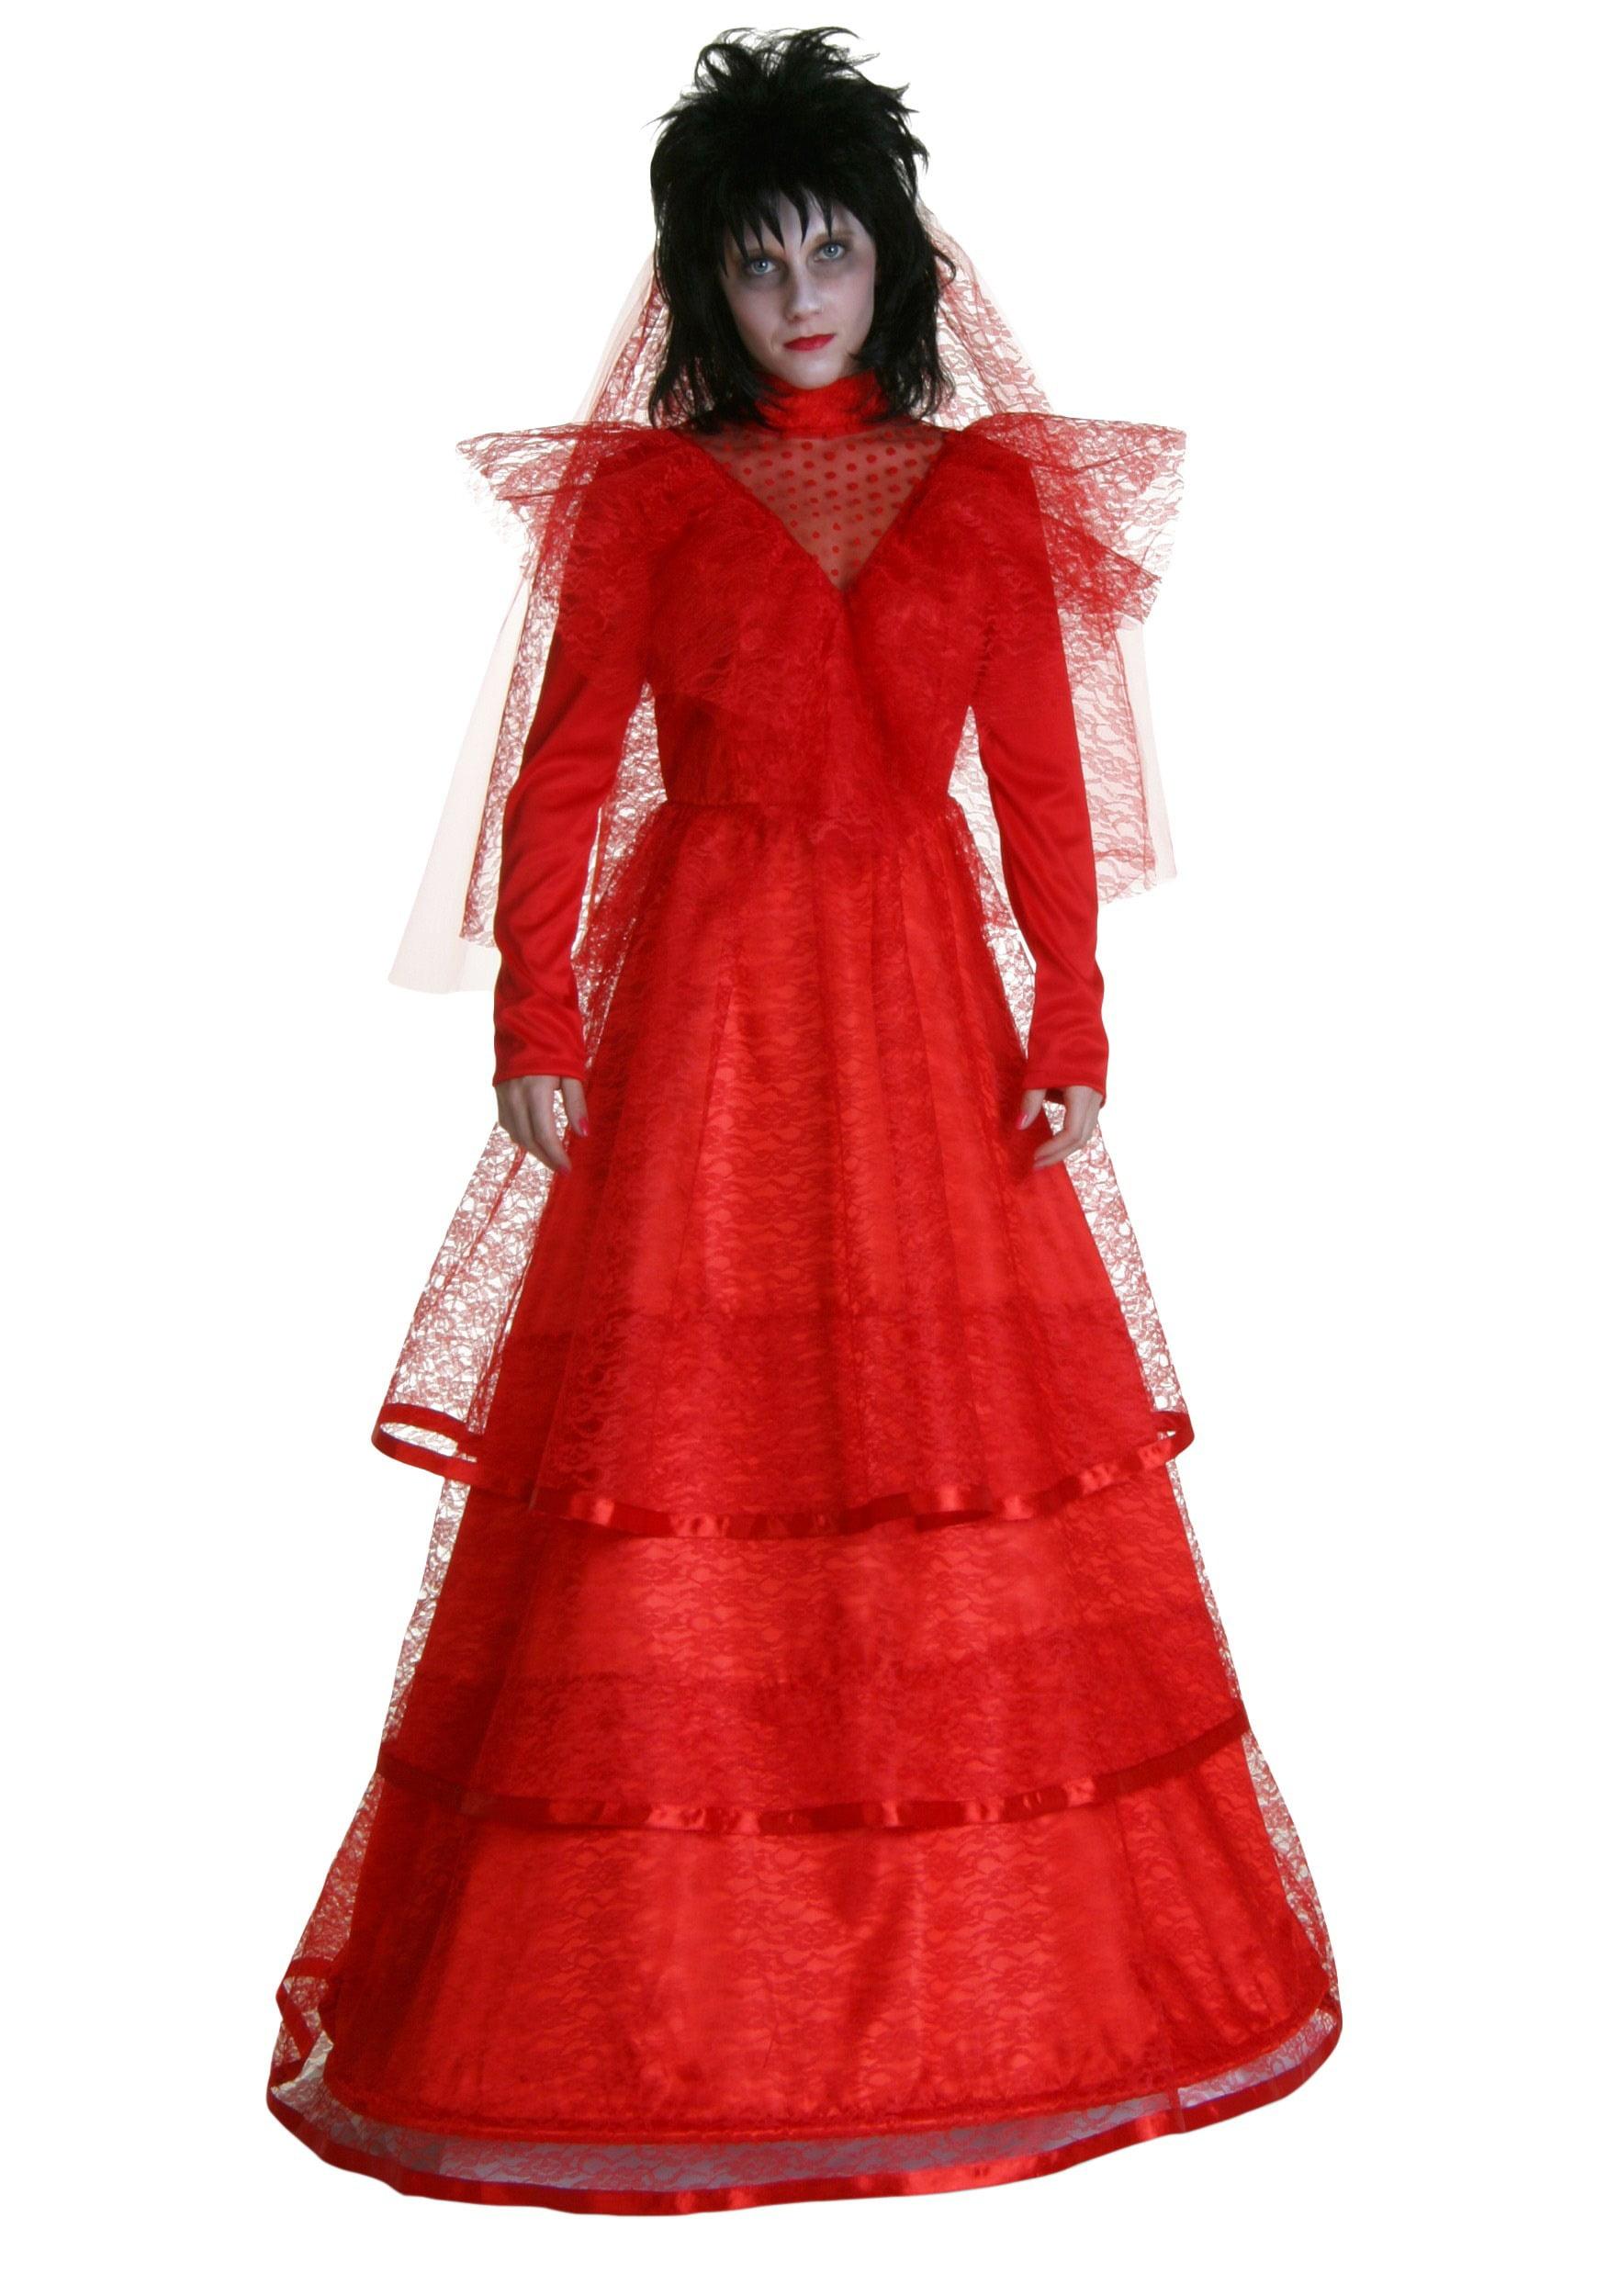 plus size red gothic wedding dress 3x